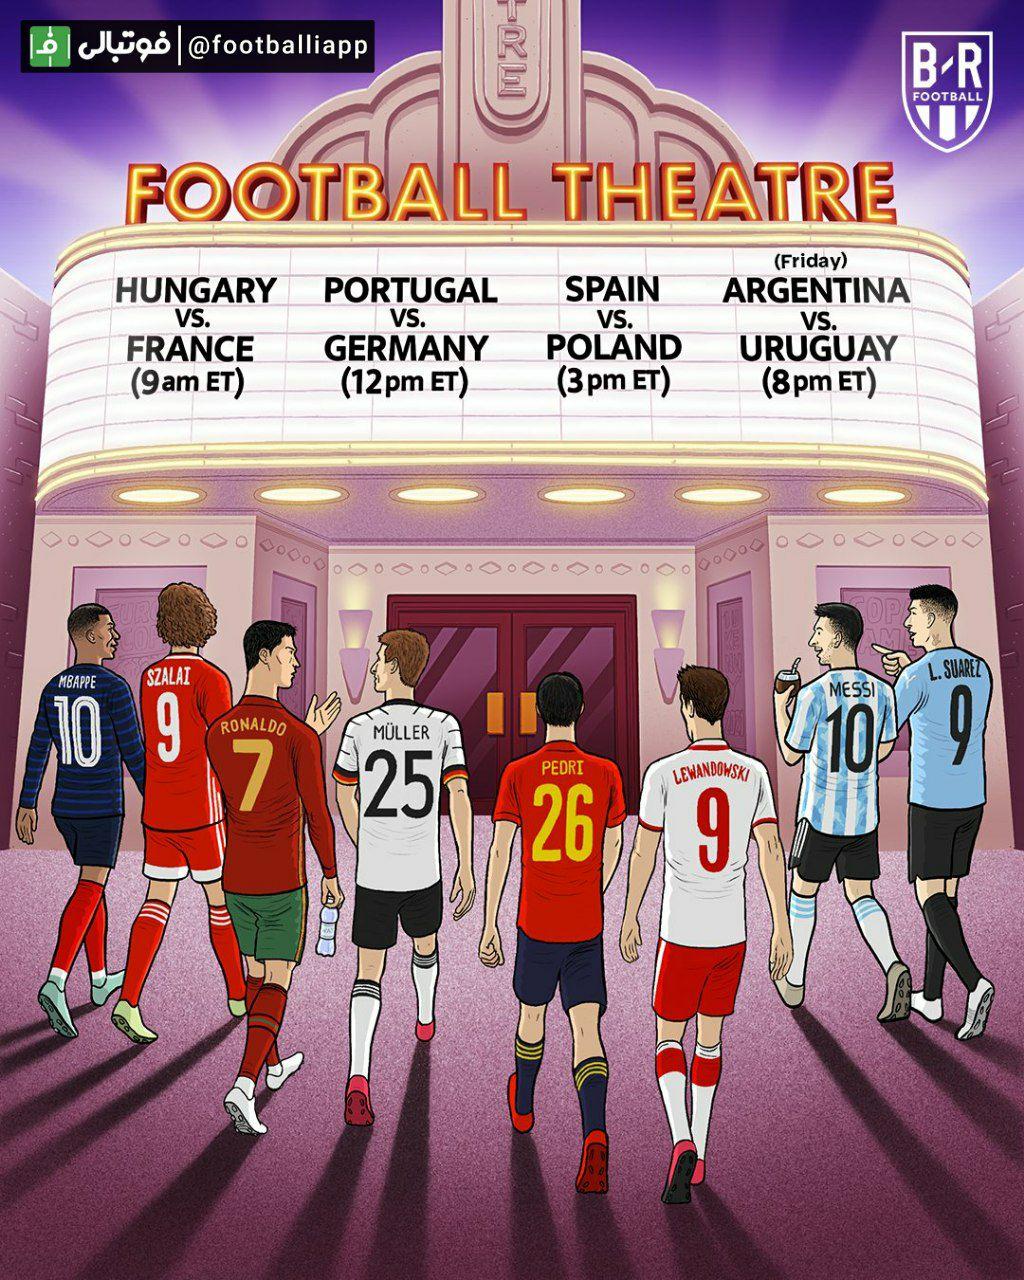 طرح جالب بلیچر ریپورت از دیدارهای حساس امروز جهان فوتبال و تعبیر تئاتر فوتبال